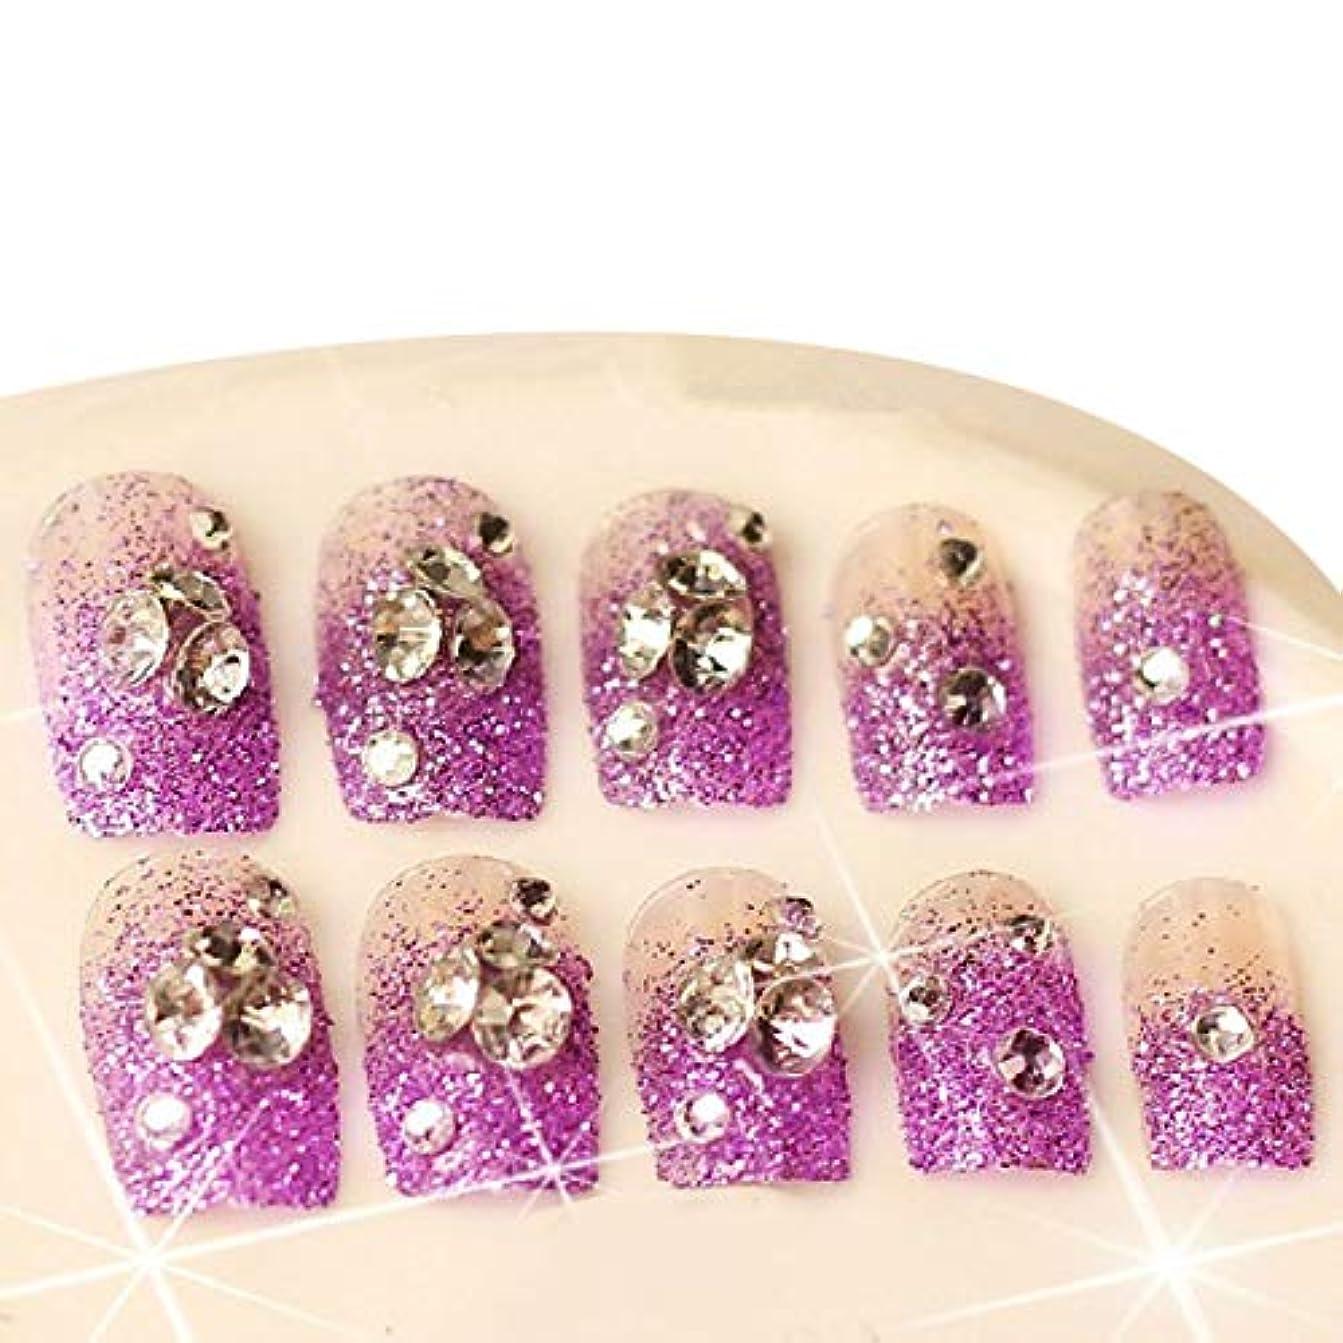 無関心テーマ現金Frcolor ネイルシール ネイルステッカー 人気 星 パープル グリッターのダイヤモンド 分解可能 花嫁 24枚セット